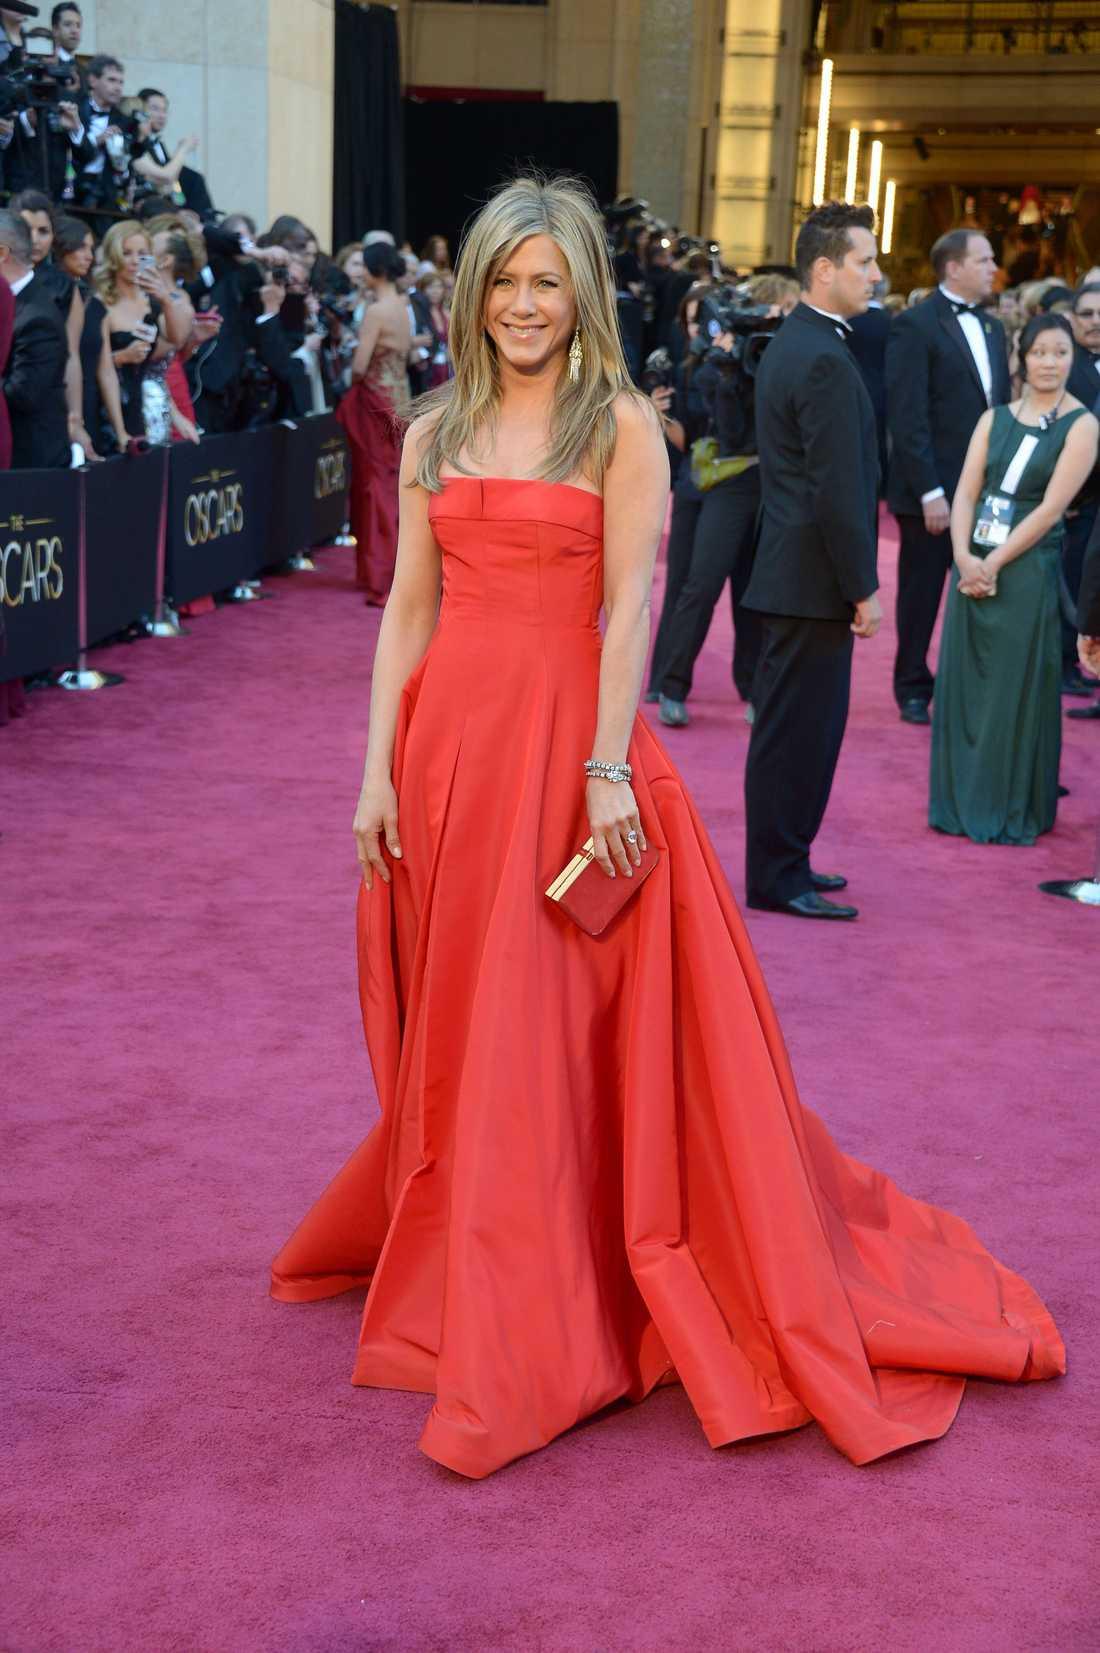 """Jennifer Aniston Det är minst sagt axelbandslöst som gäller i år. Aniston prickar dessutom in den andra trenden för natten: avslappnad frisyr. Självklart är Jennifer en vacker vy i Valentino men jag kan inte låta bli att känna tröttsamhet inför denna typen av """"säkra"""" klänningar. 3 plus."""